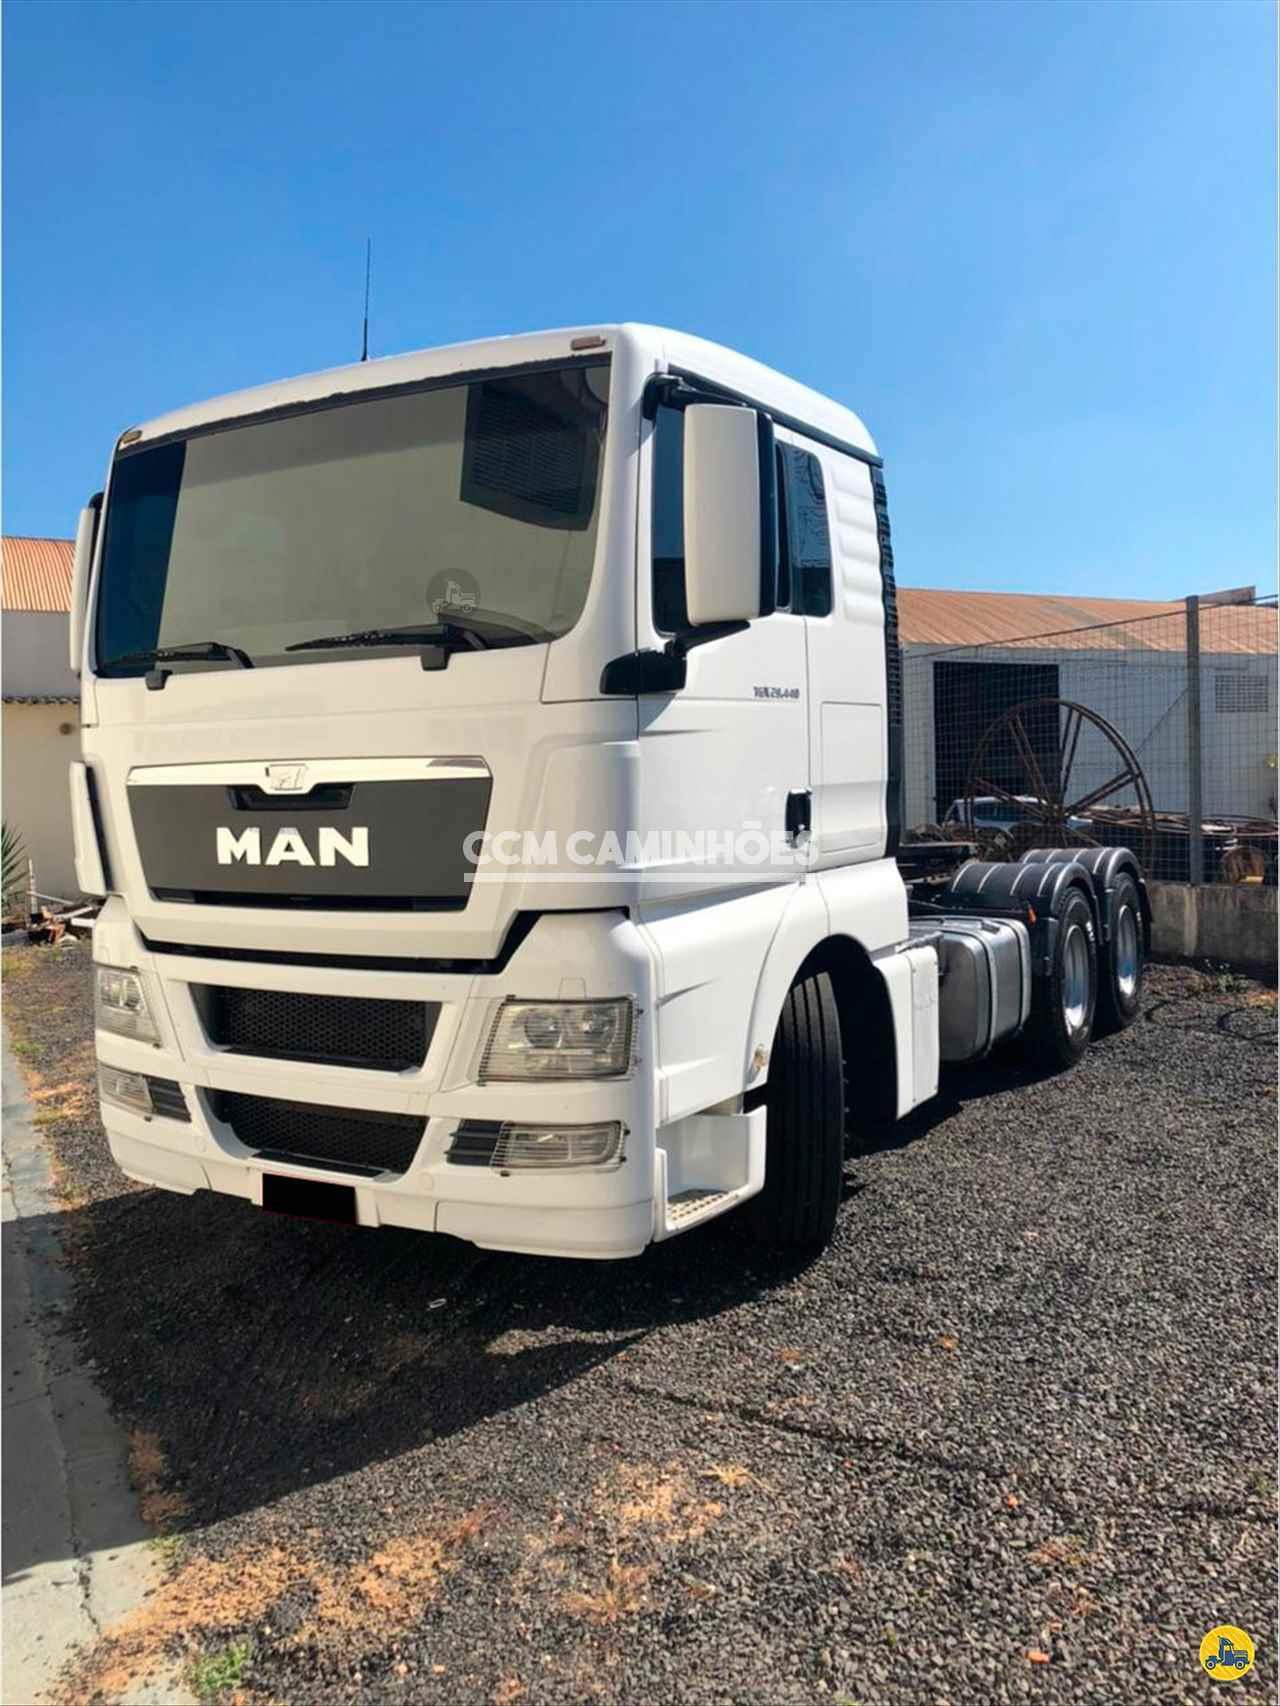 CAMINHAO MAN TGX 29 440 Cavalo Mecânico Traçado 6x4 CCM Caminhões GOIANIA GOIAS GO